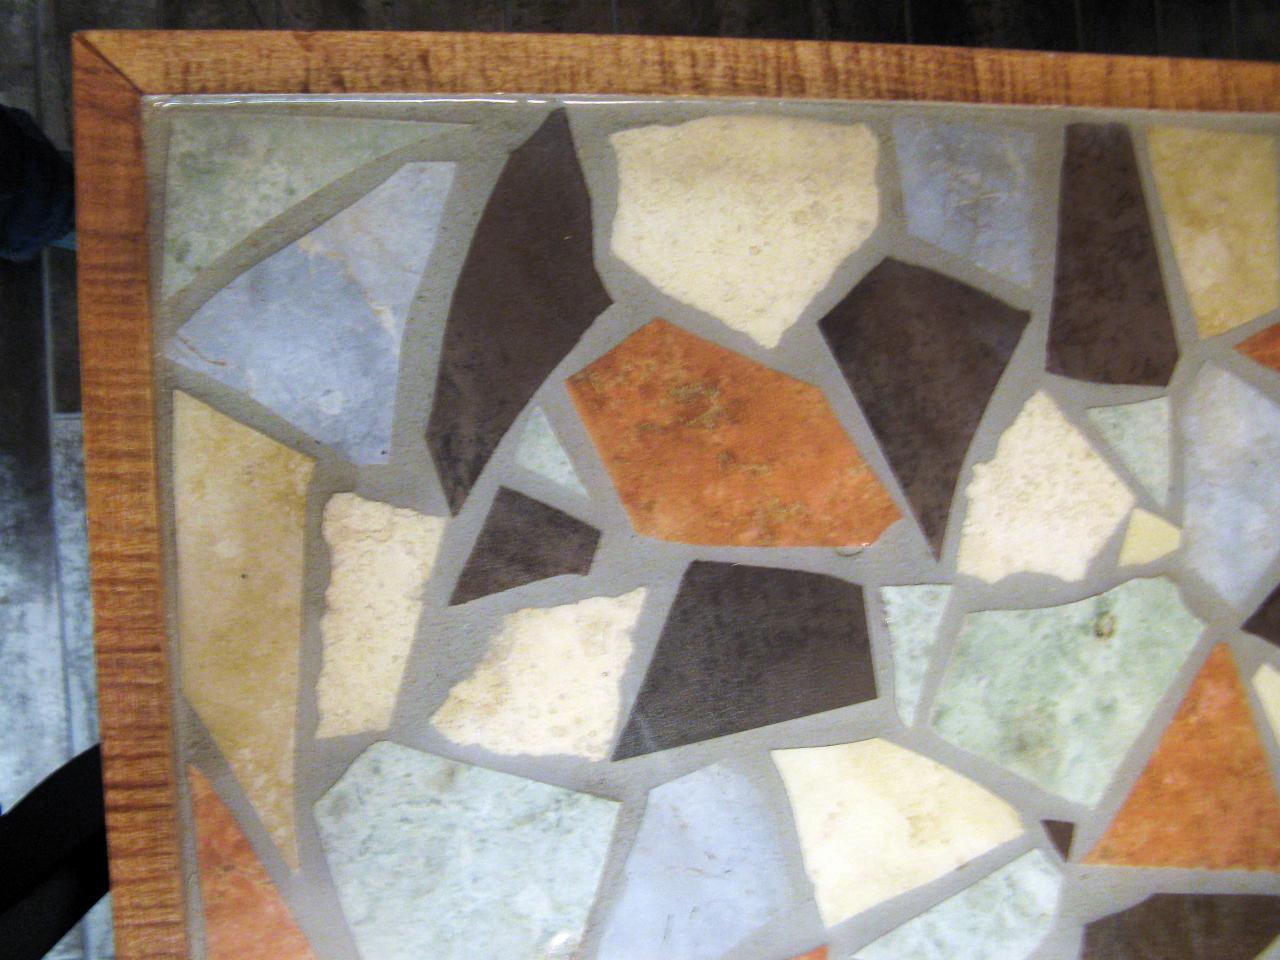 Своими руками сделать плитку из керамики